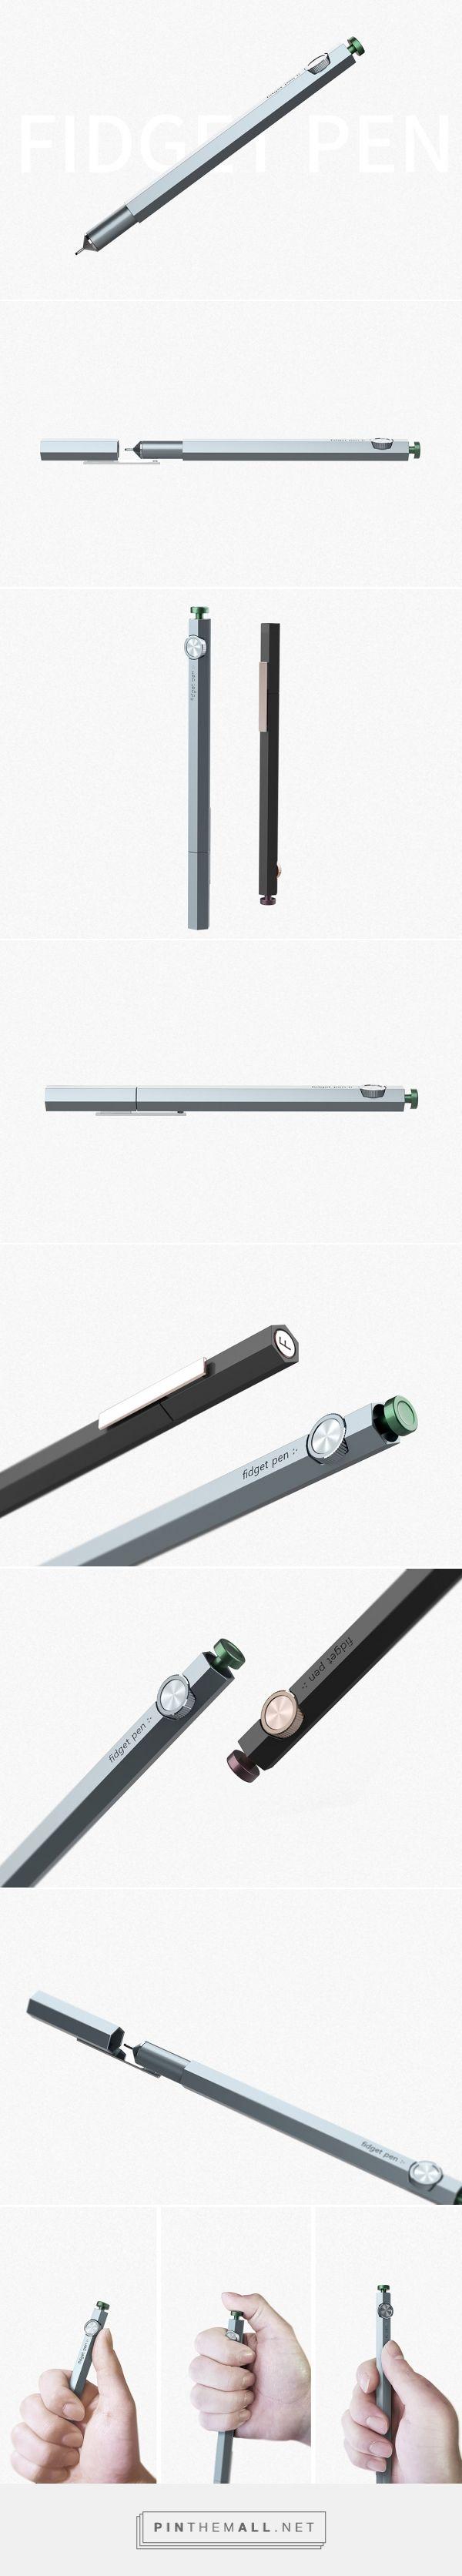 Forget the Fidget Spinner, Meet the Fidget Pen | Yanko Design - created via https://pinthemall.net